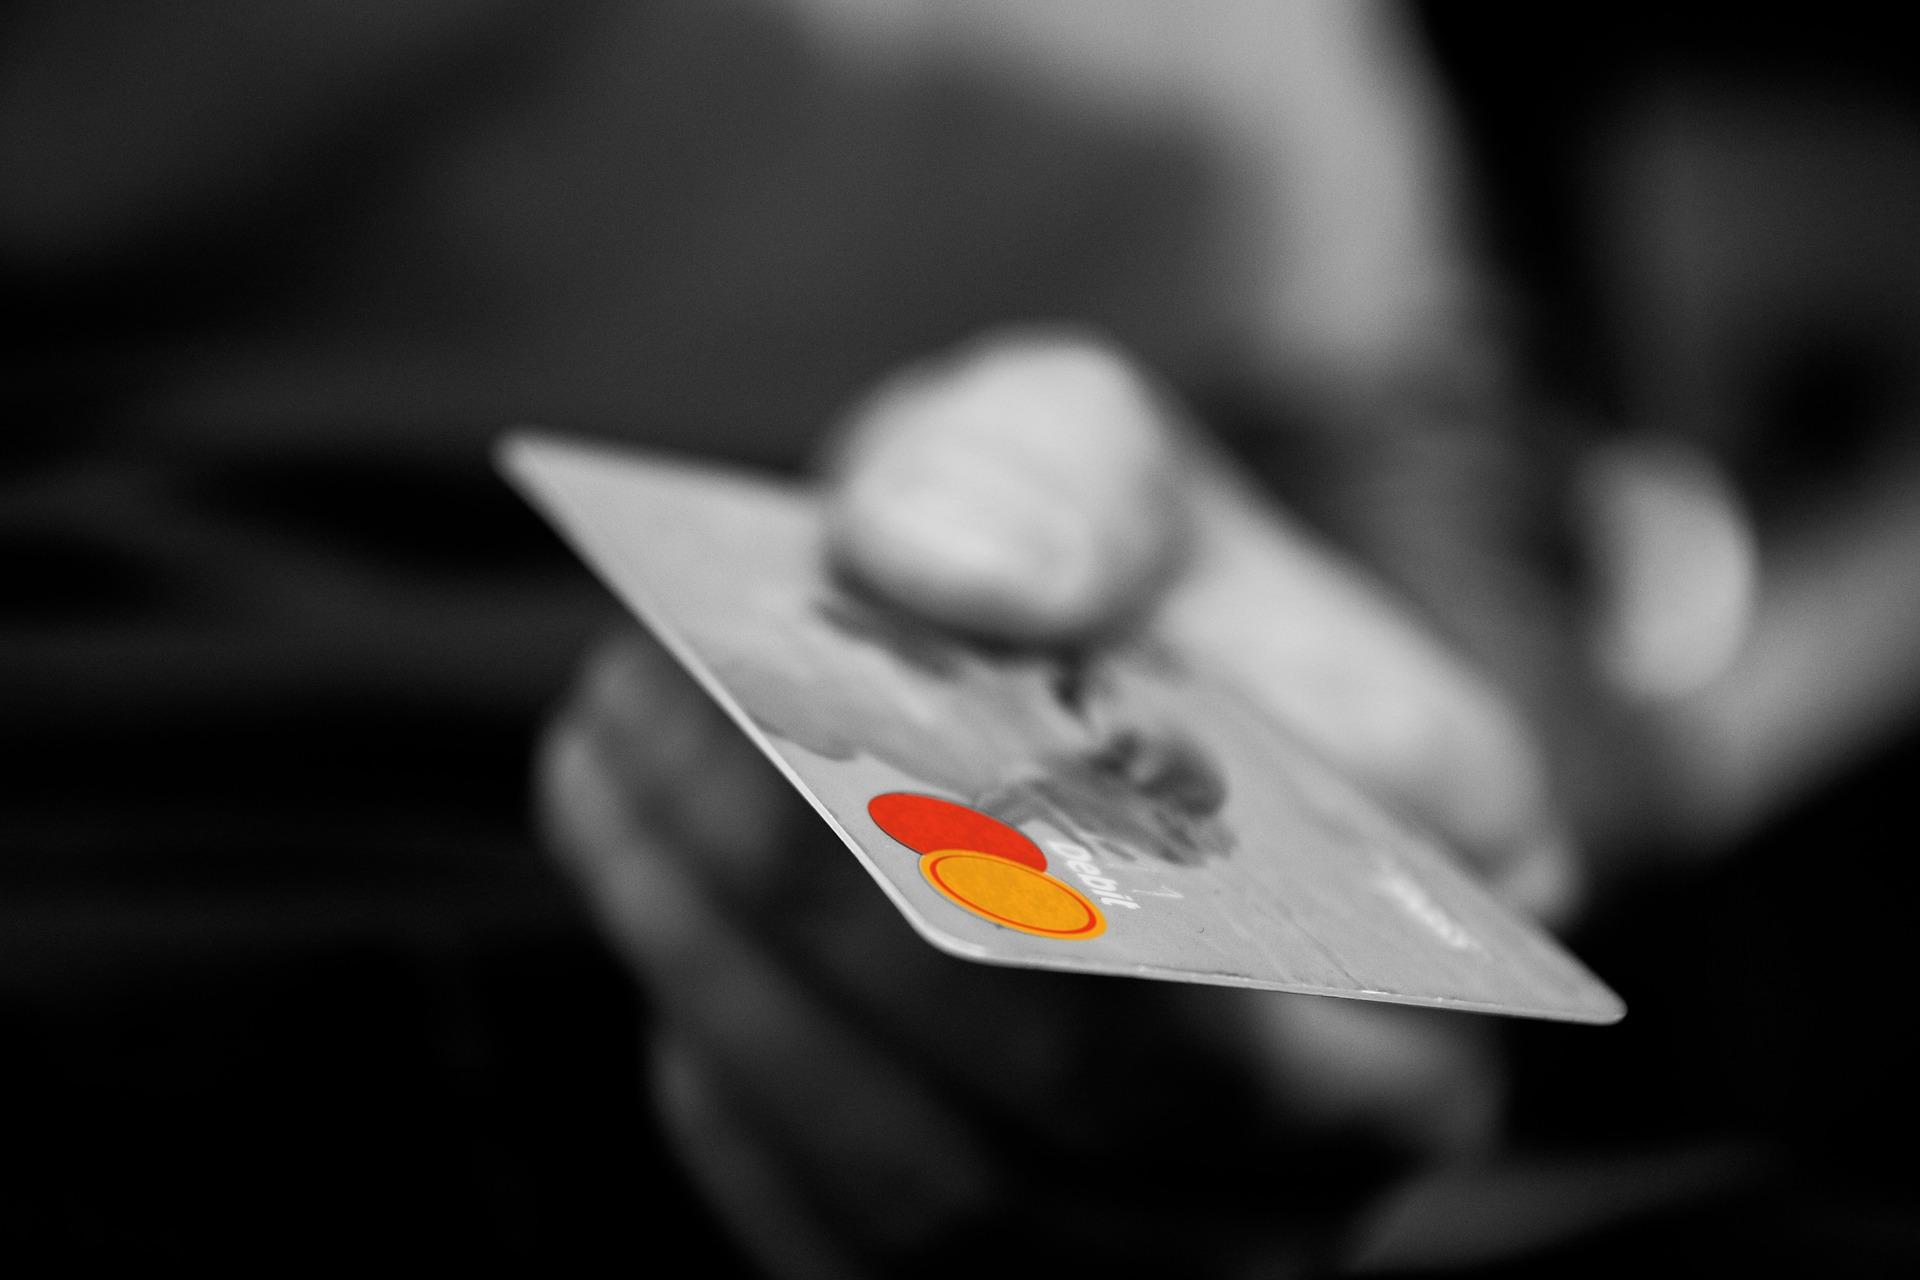 Kartenterminal Bezahlung mit Kreditkarte